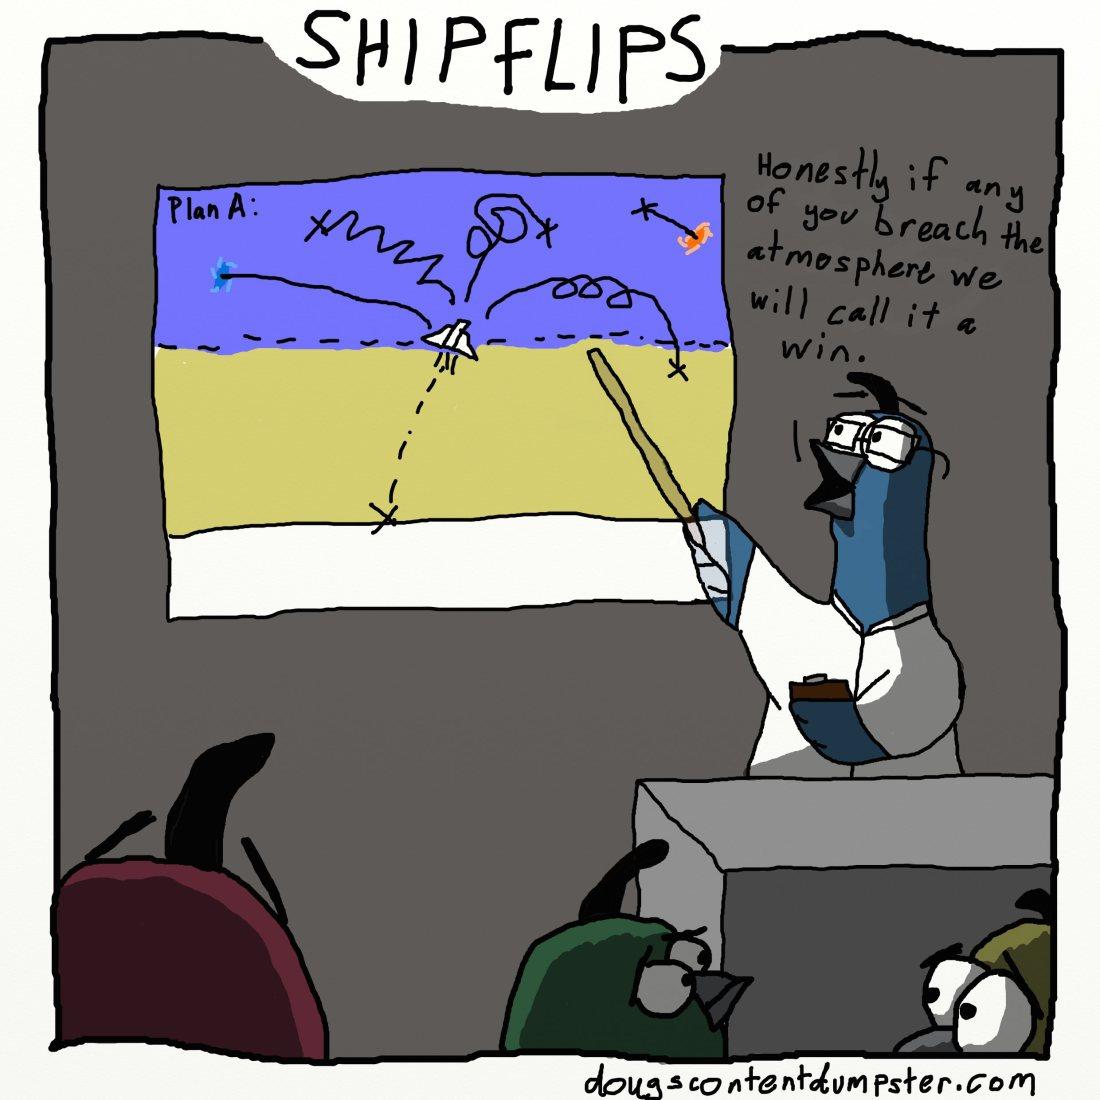 shipflips